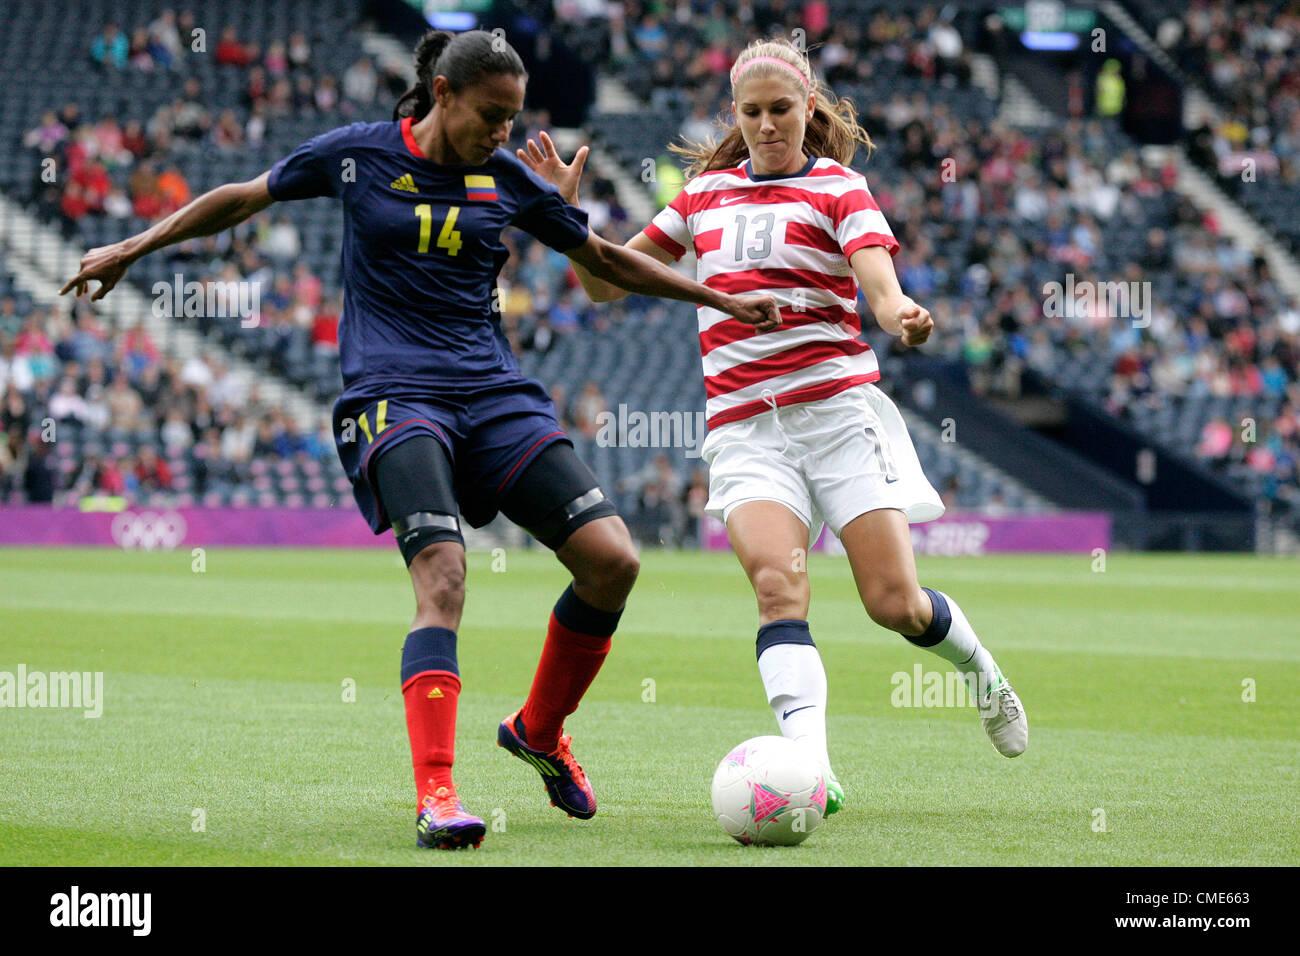 28.07.2012 Glasgow, Écosse. 13 Alex Morgan et Kelis 14 Peduzine en action pendant les Jeux Olympiques de Football Photo Stock